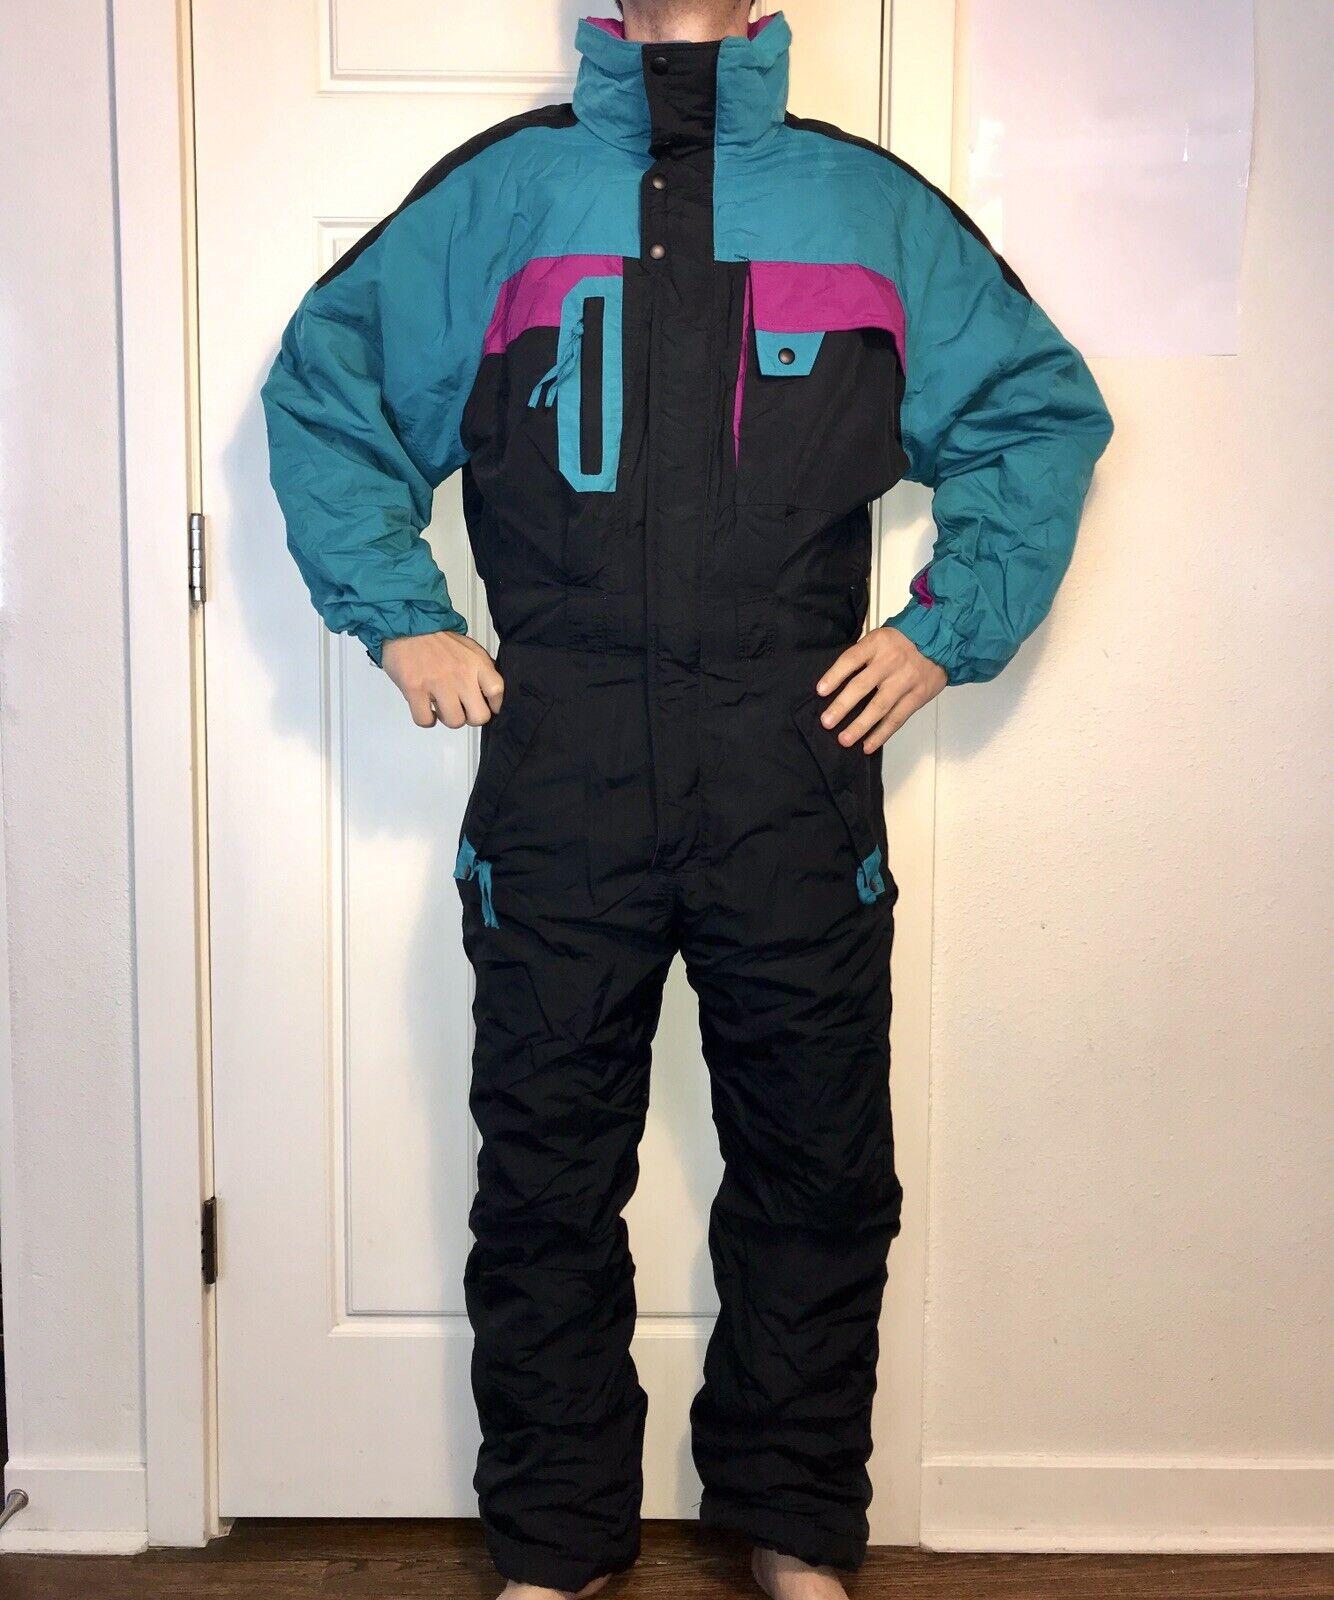 Vtg 80s 90s Herren Medium INSIDE EDGE One Piece SKI SUIT Snow Bib Snowsuit GAPER M